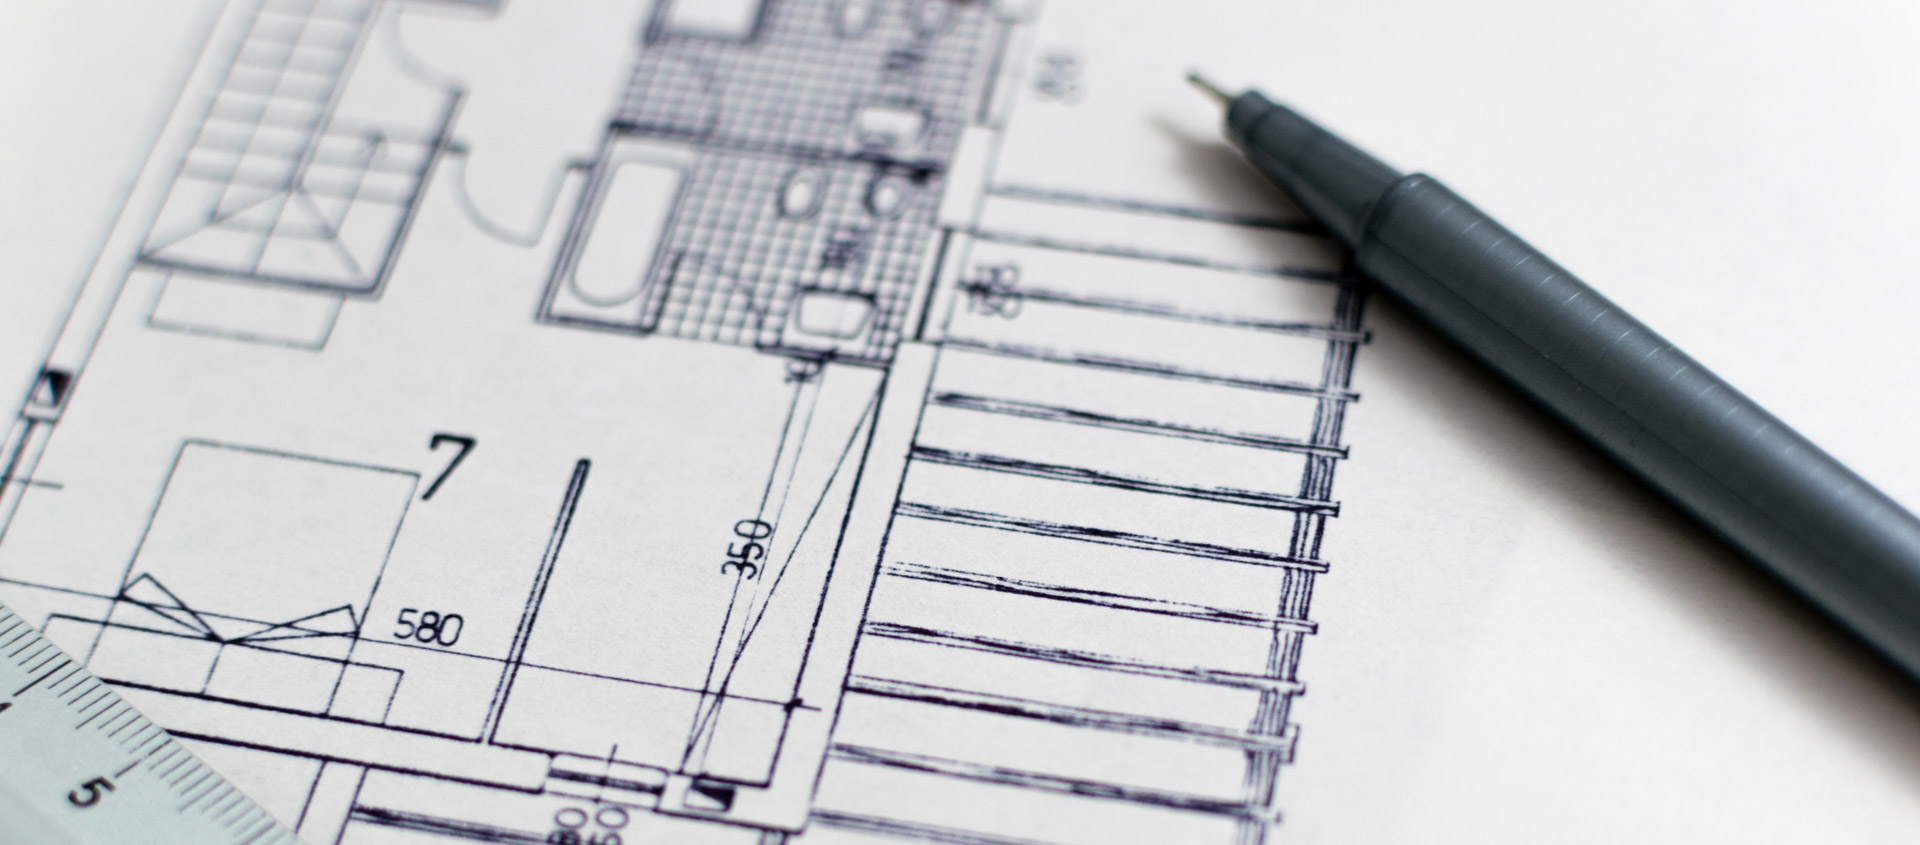 Approccio progettuale